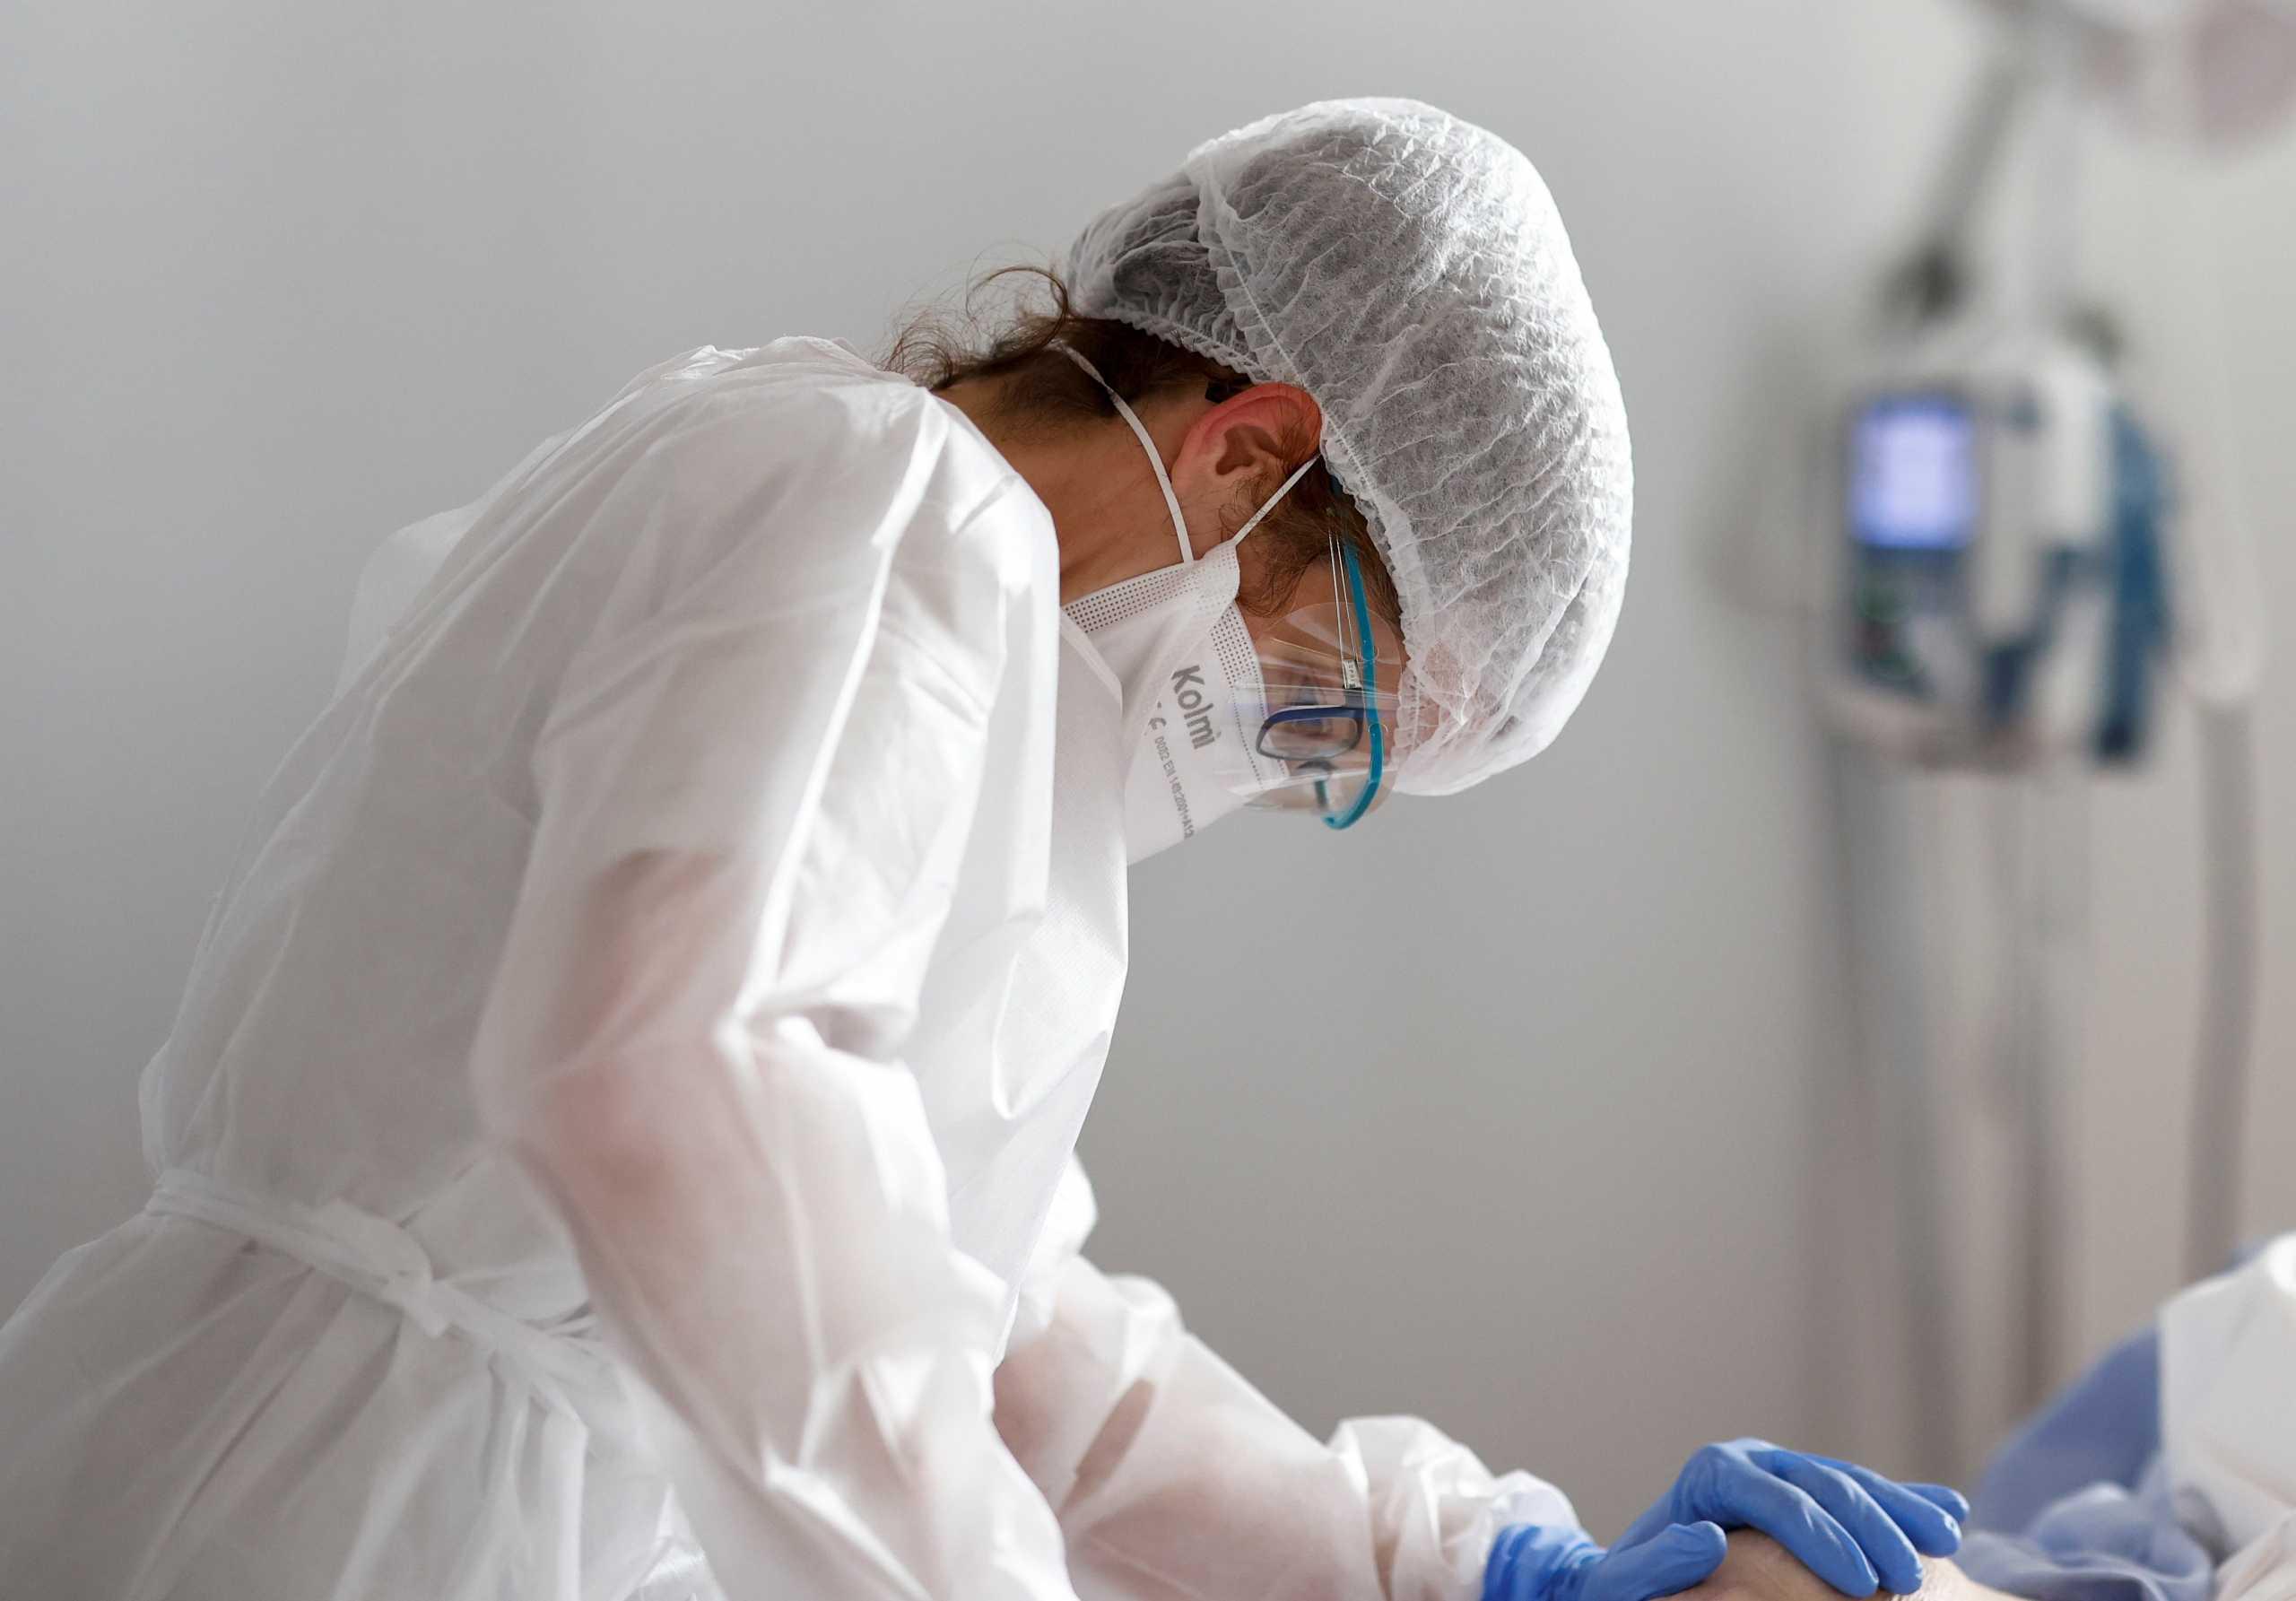 Σχεδόν 6.000 ασθενείς με κορονοϊό στις ΜΕΘ της Γαλλίας